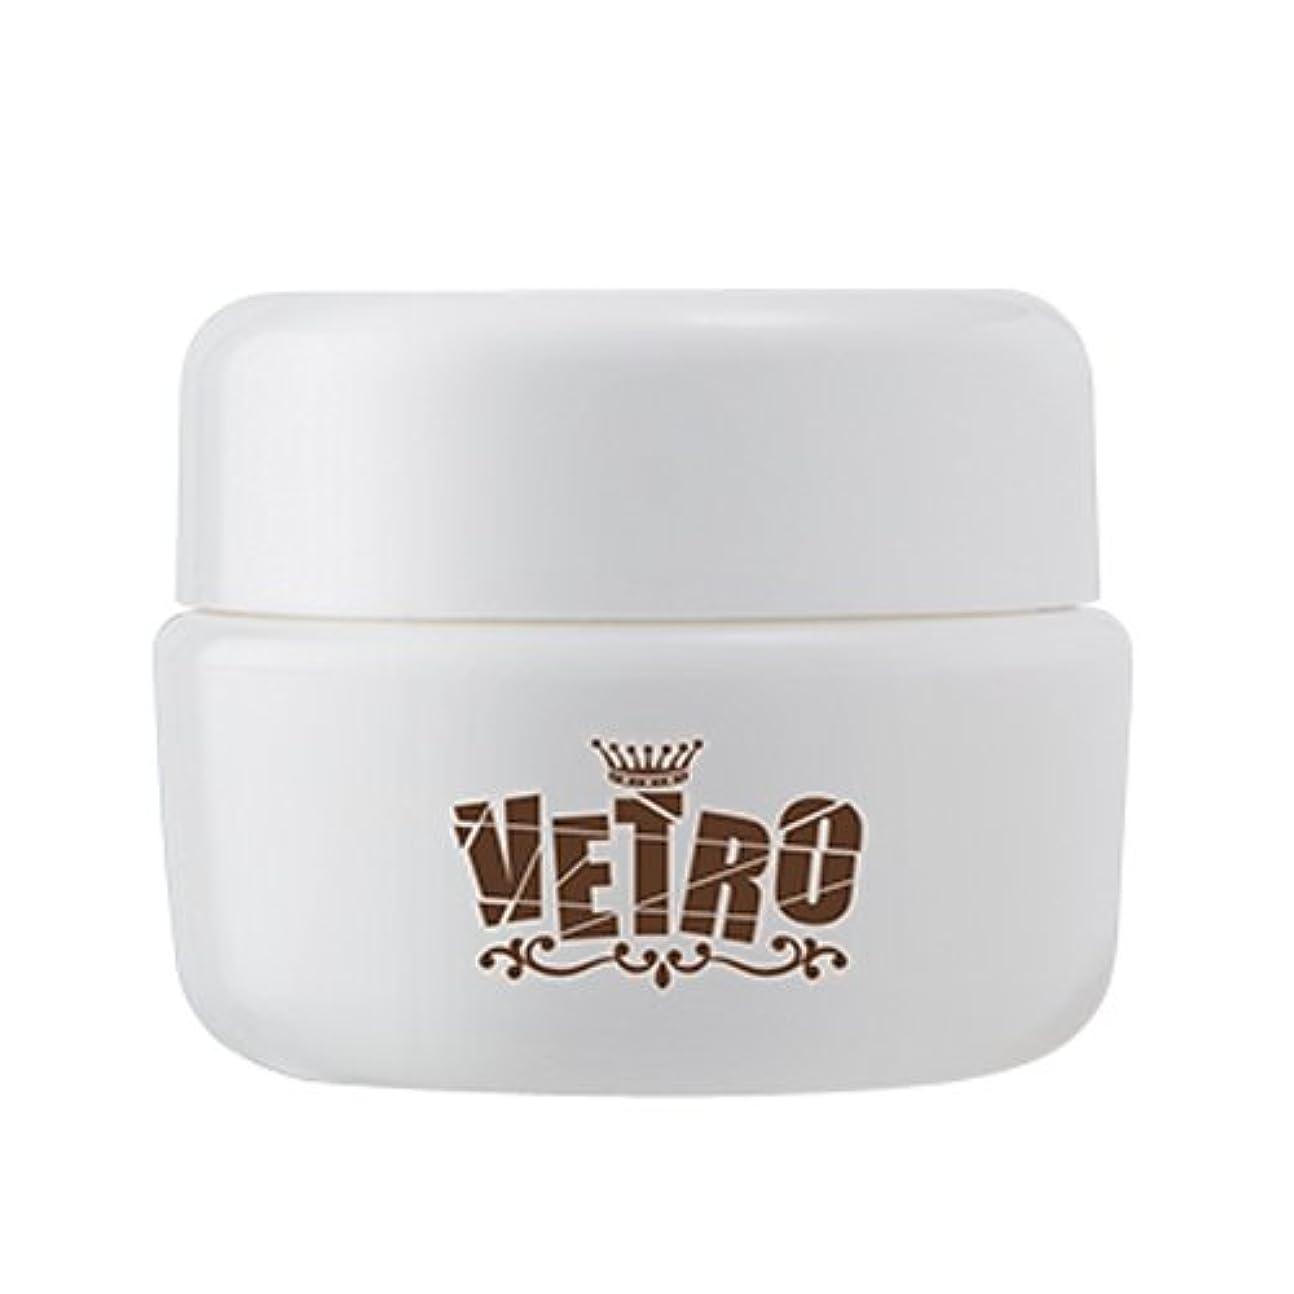 より良い所得非公式VETRO ベトロ NO.19 カラージェル 4ml VL148エナメルリボン